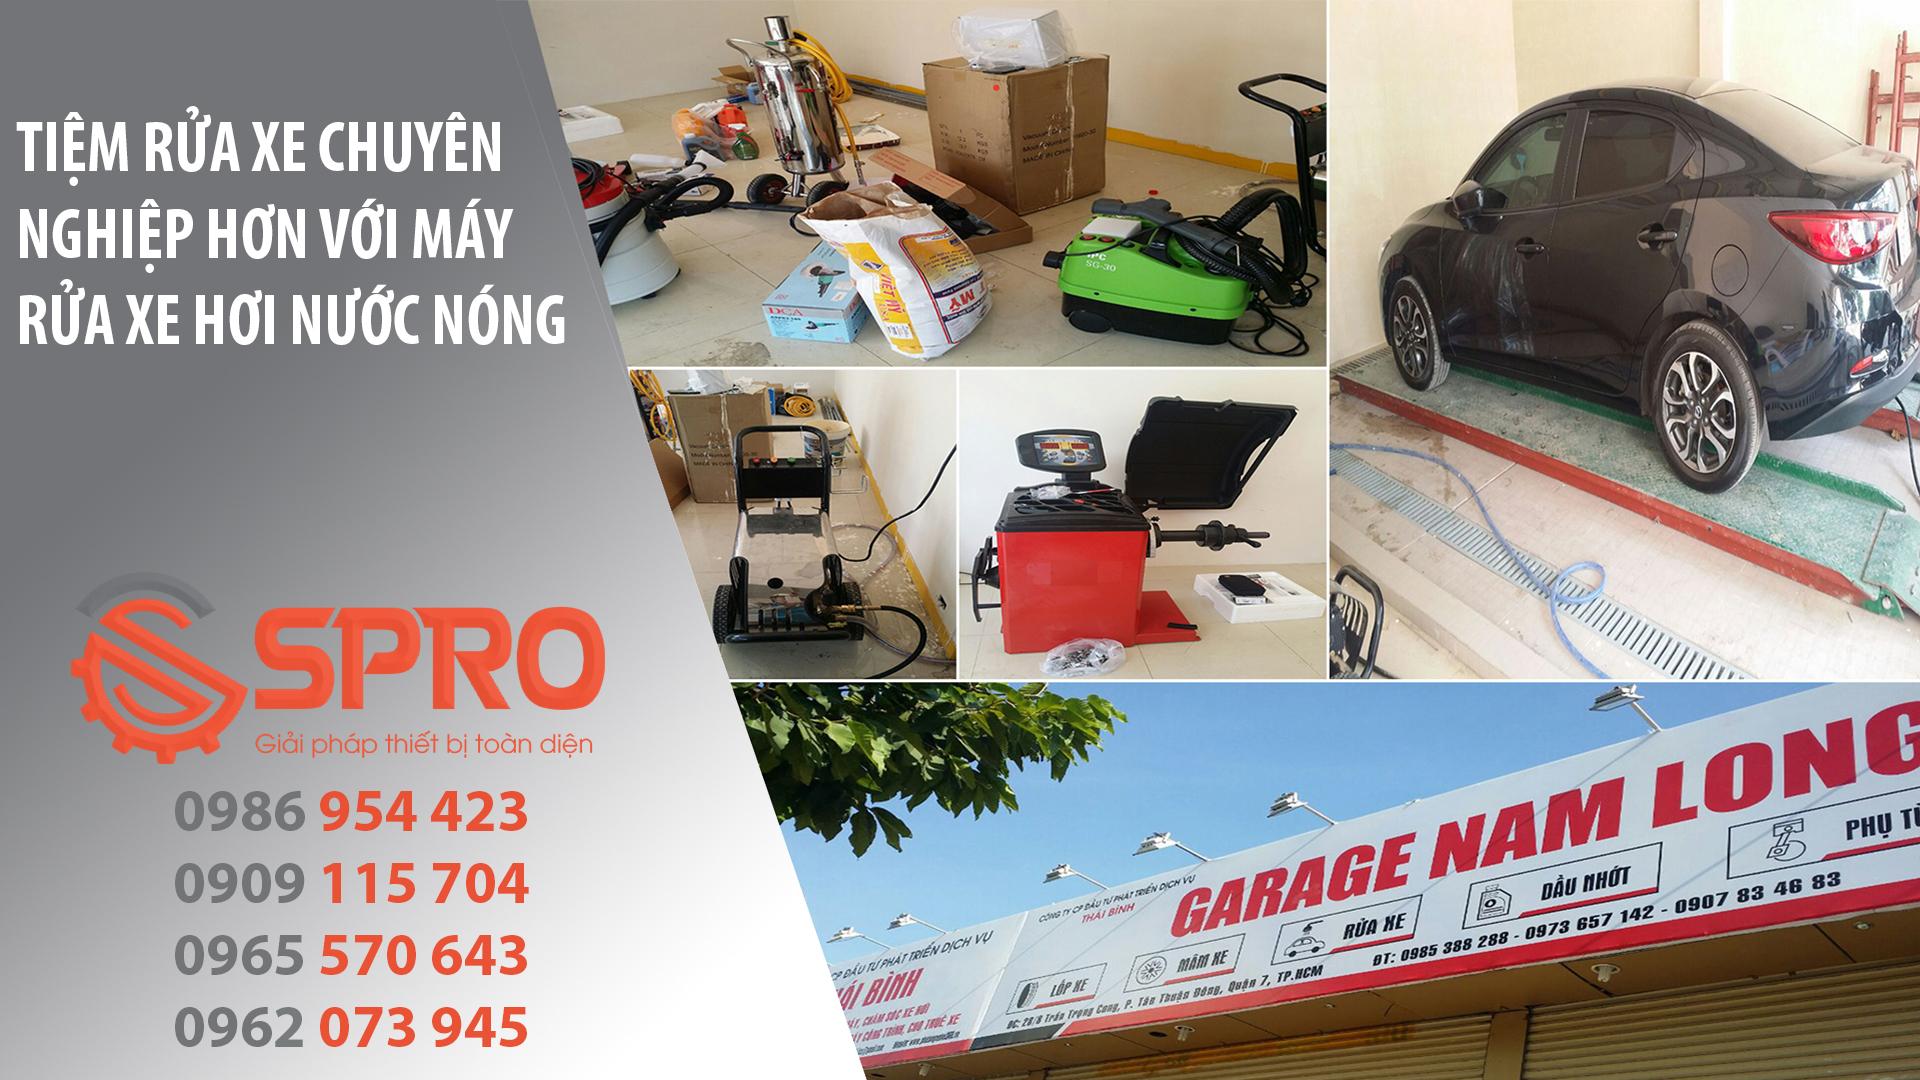 Setup trọn bộ thiết bị cho Garage Nam Long